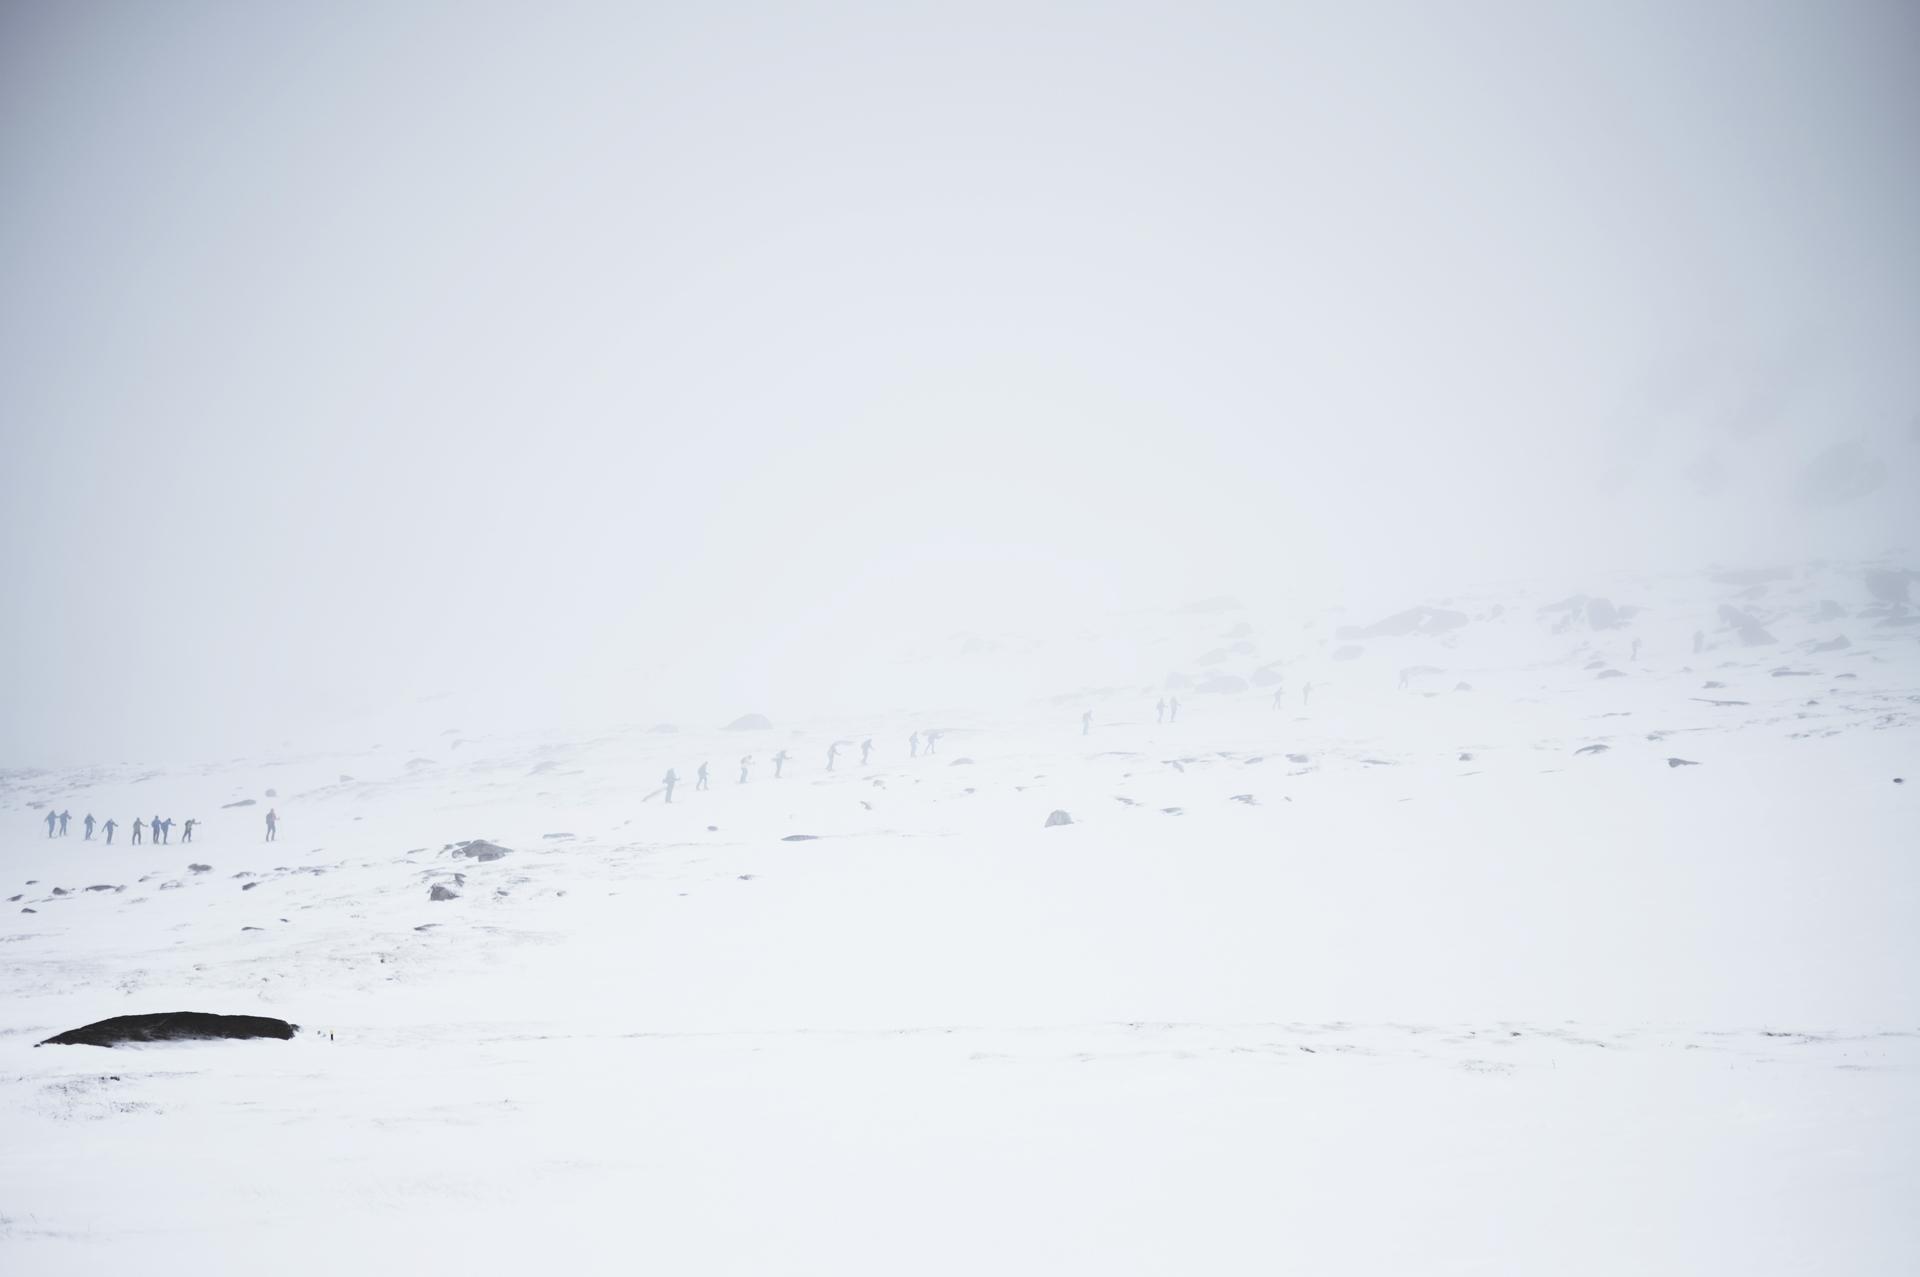 góra kościuszki zimą